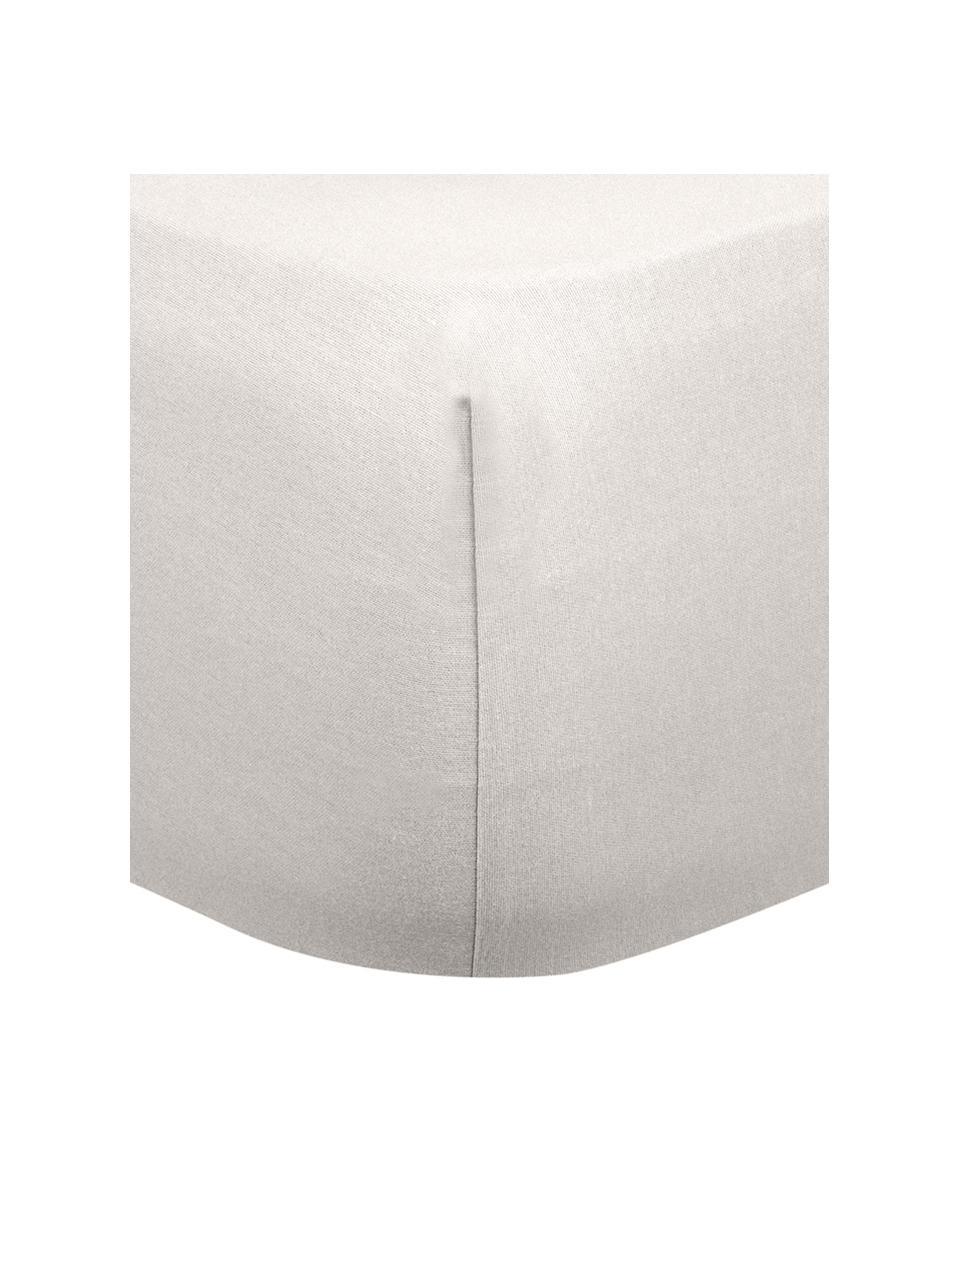 Flanellen hoeslaken Biba in beige, Weeftechniek: flanel, Beige, 180 x 200 cm